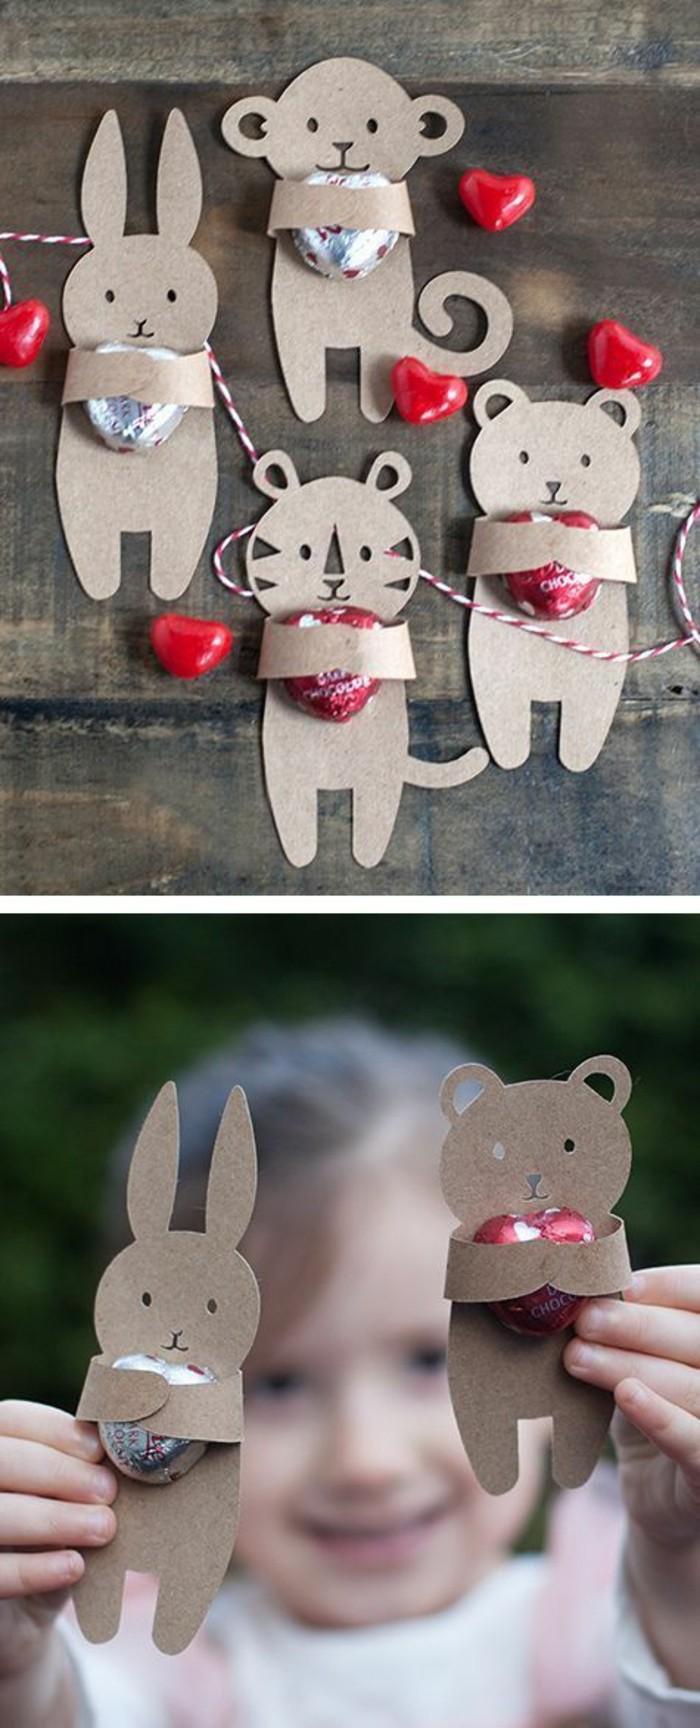 pour-la-saint-valentin-amoureuse-activite-enfant-manuelle